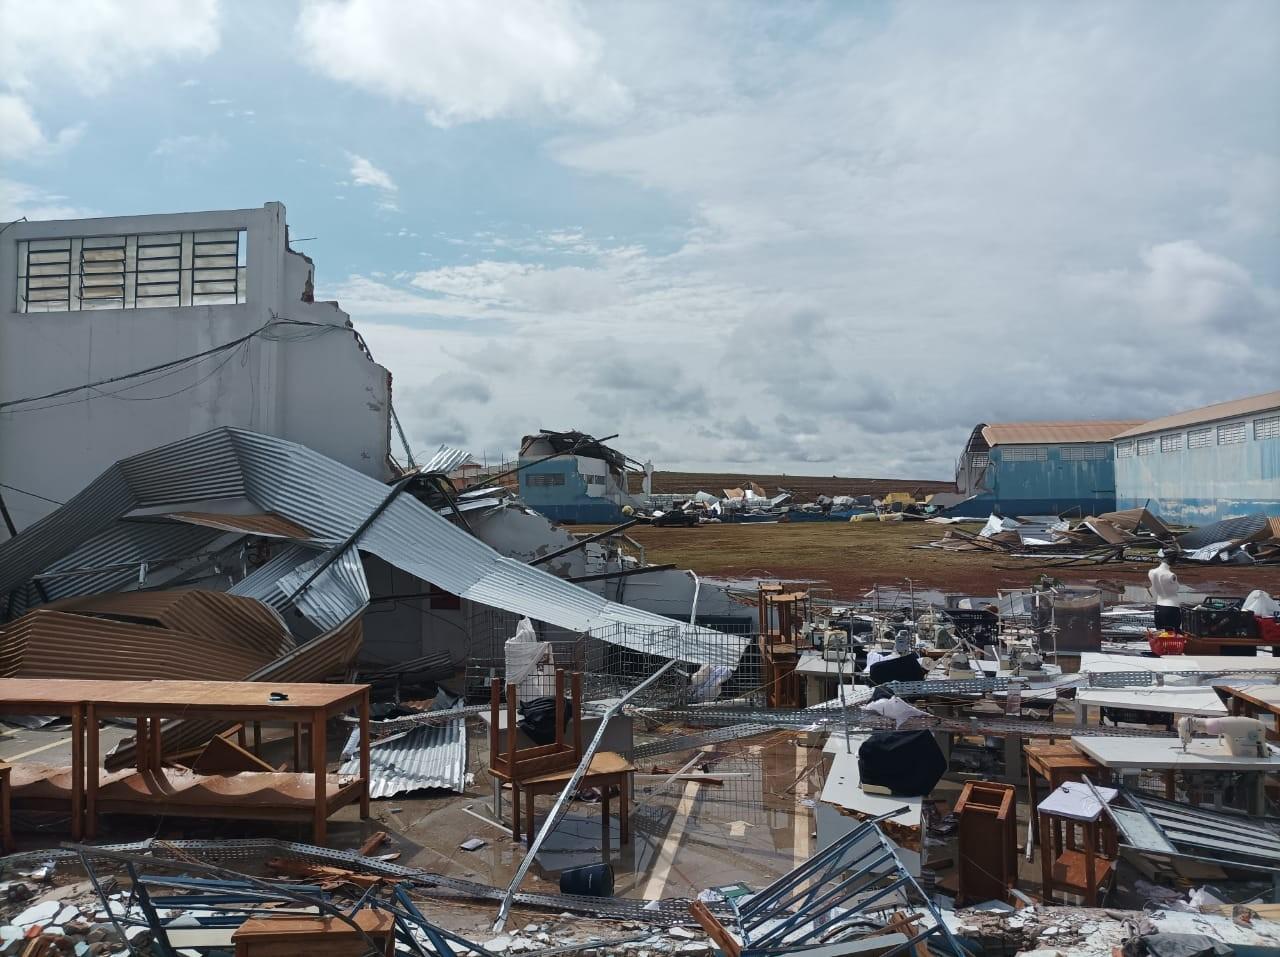 Temporal deixa 938 casas danificadas no Paraná, e causa desligamento de cinco unidades geradoras da Itaipu